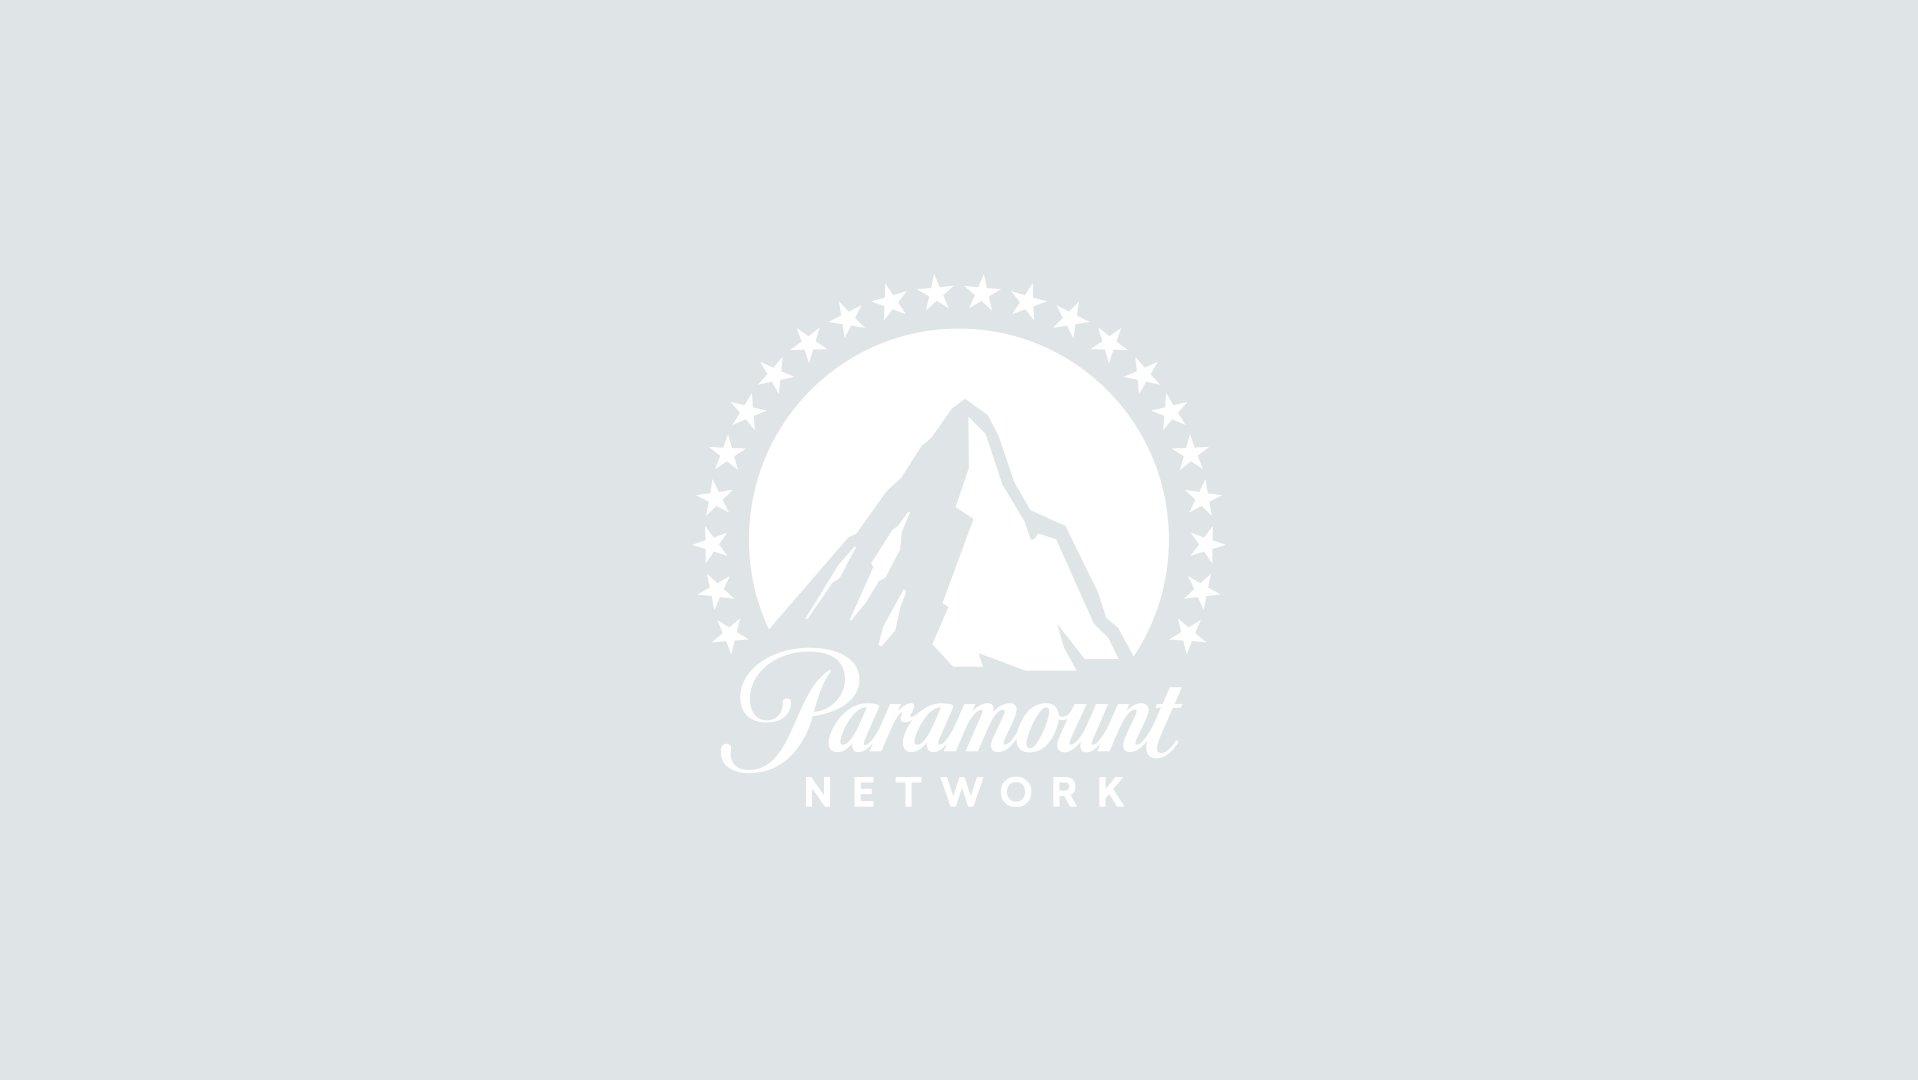 2. Bradley Cooper (91.08% di perfezione), foto: Getty Images